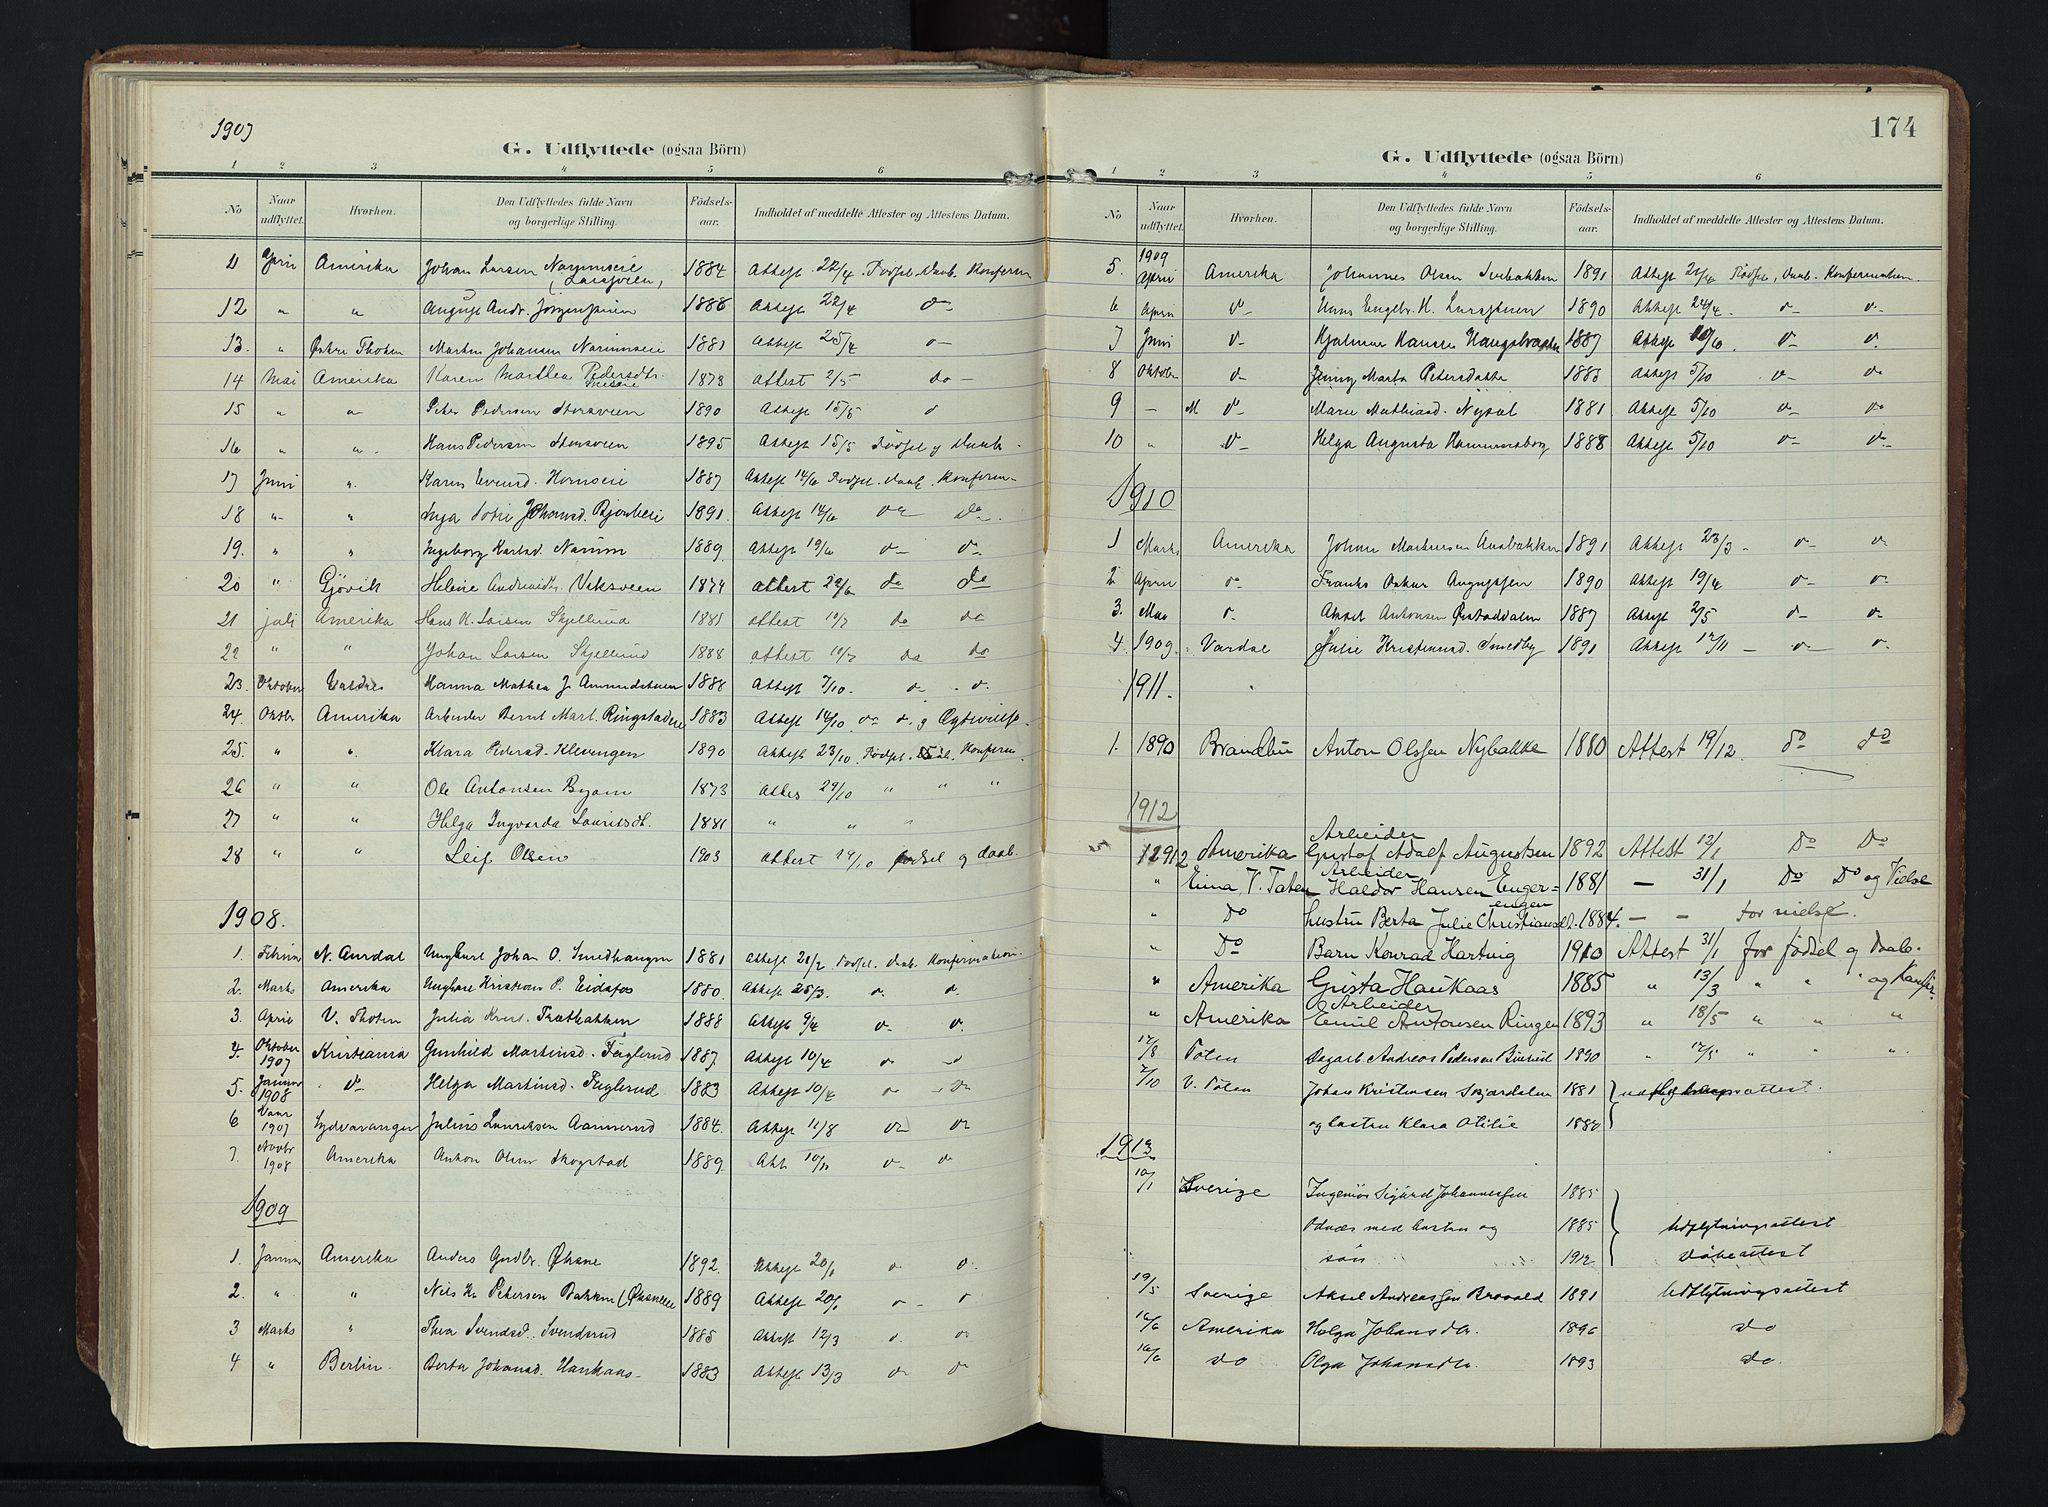 SAH, Søndre Land prestekontor, K/L0007: Ministerialbok nr. 7, 1905-1914, s. 174